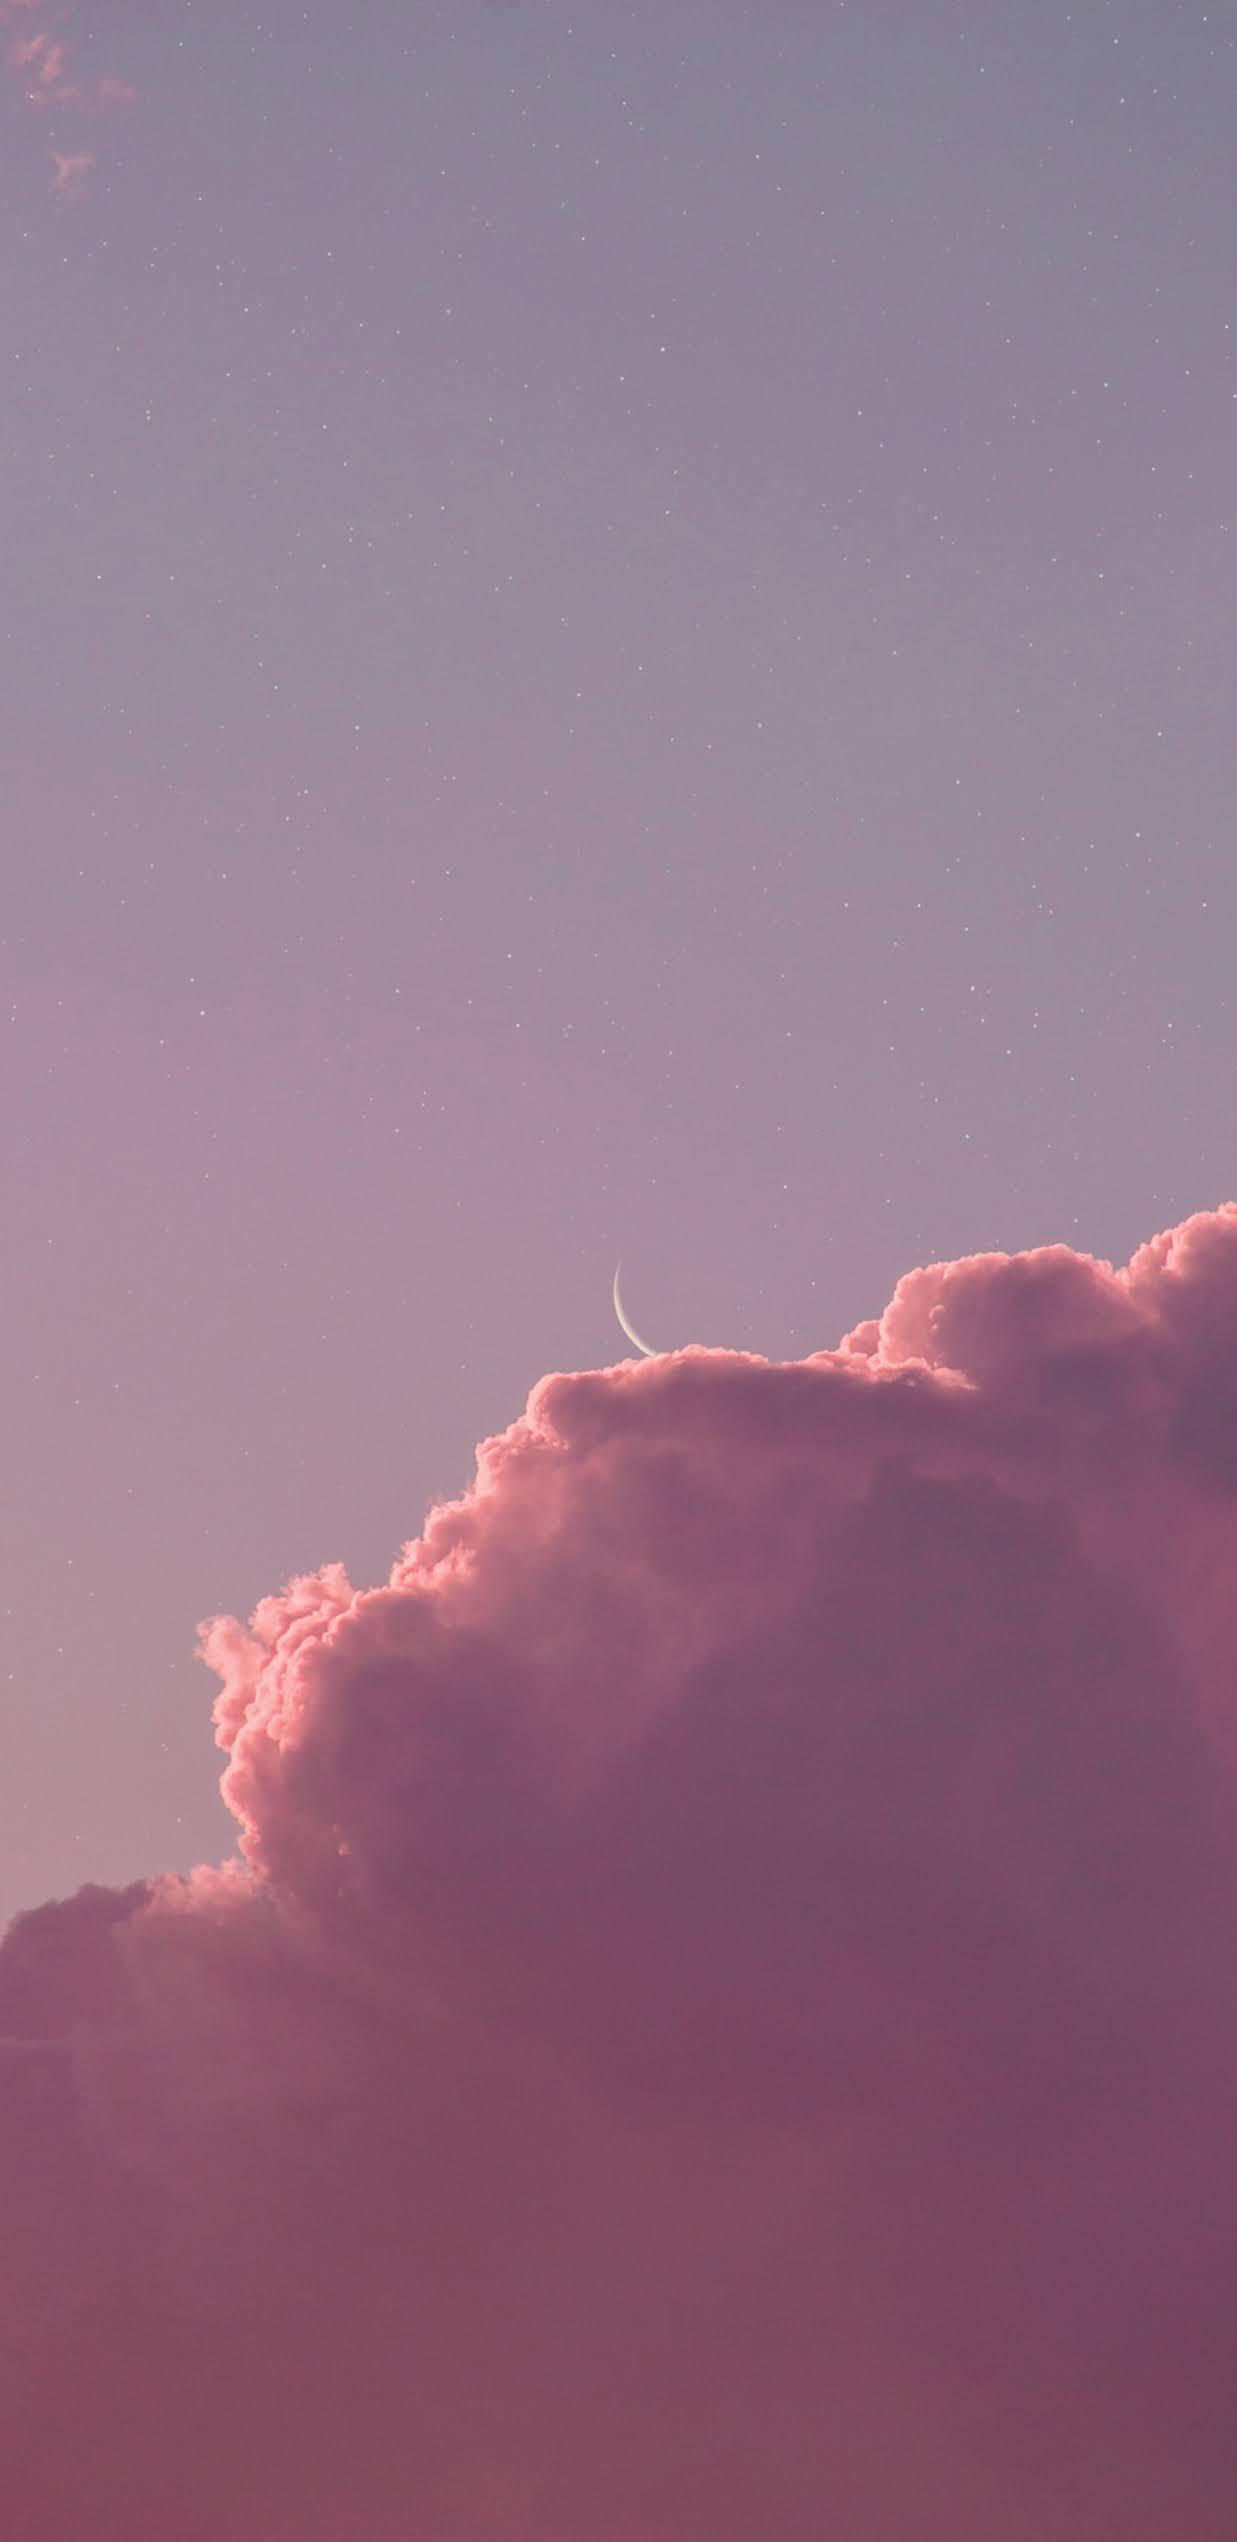 Ánh trăng khuyết giữa bầu trời đầy mây hồng